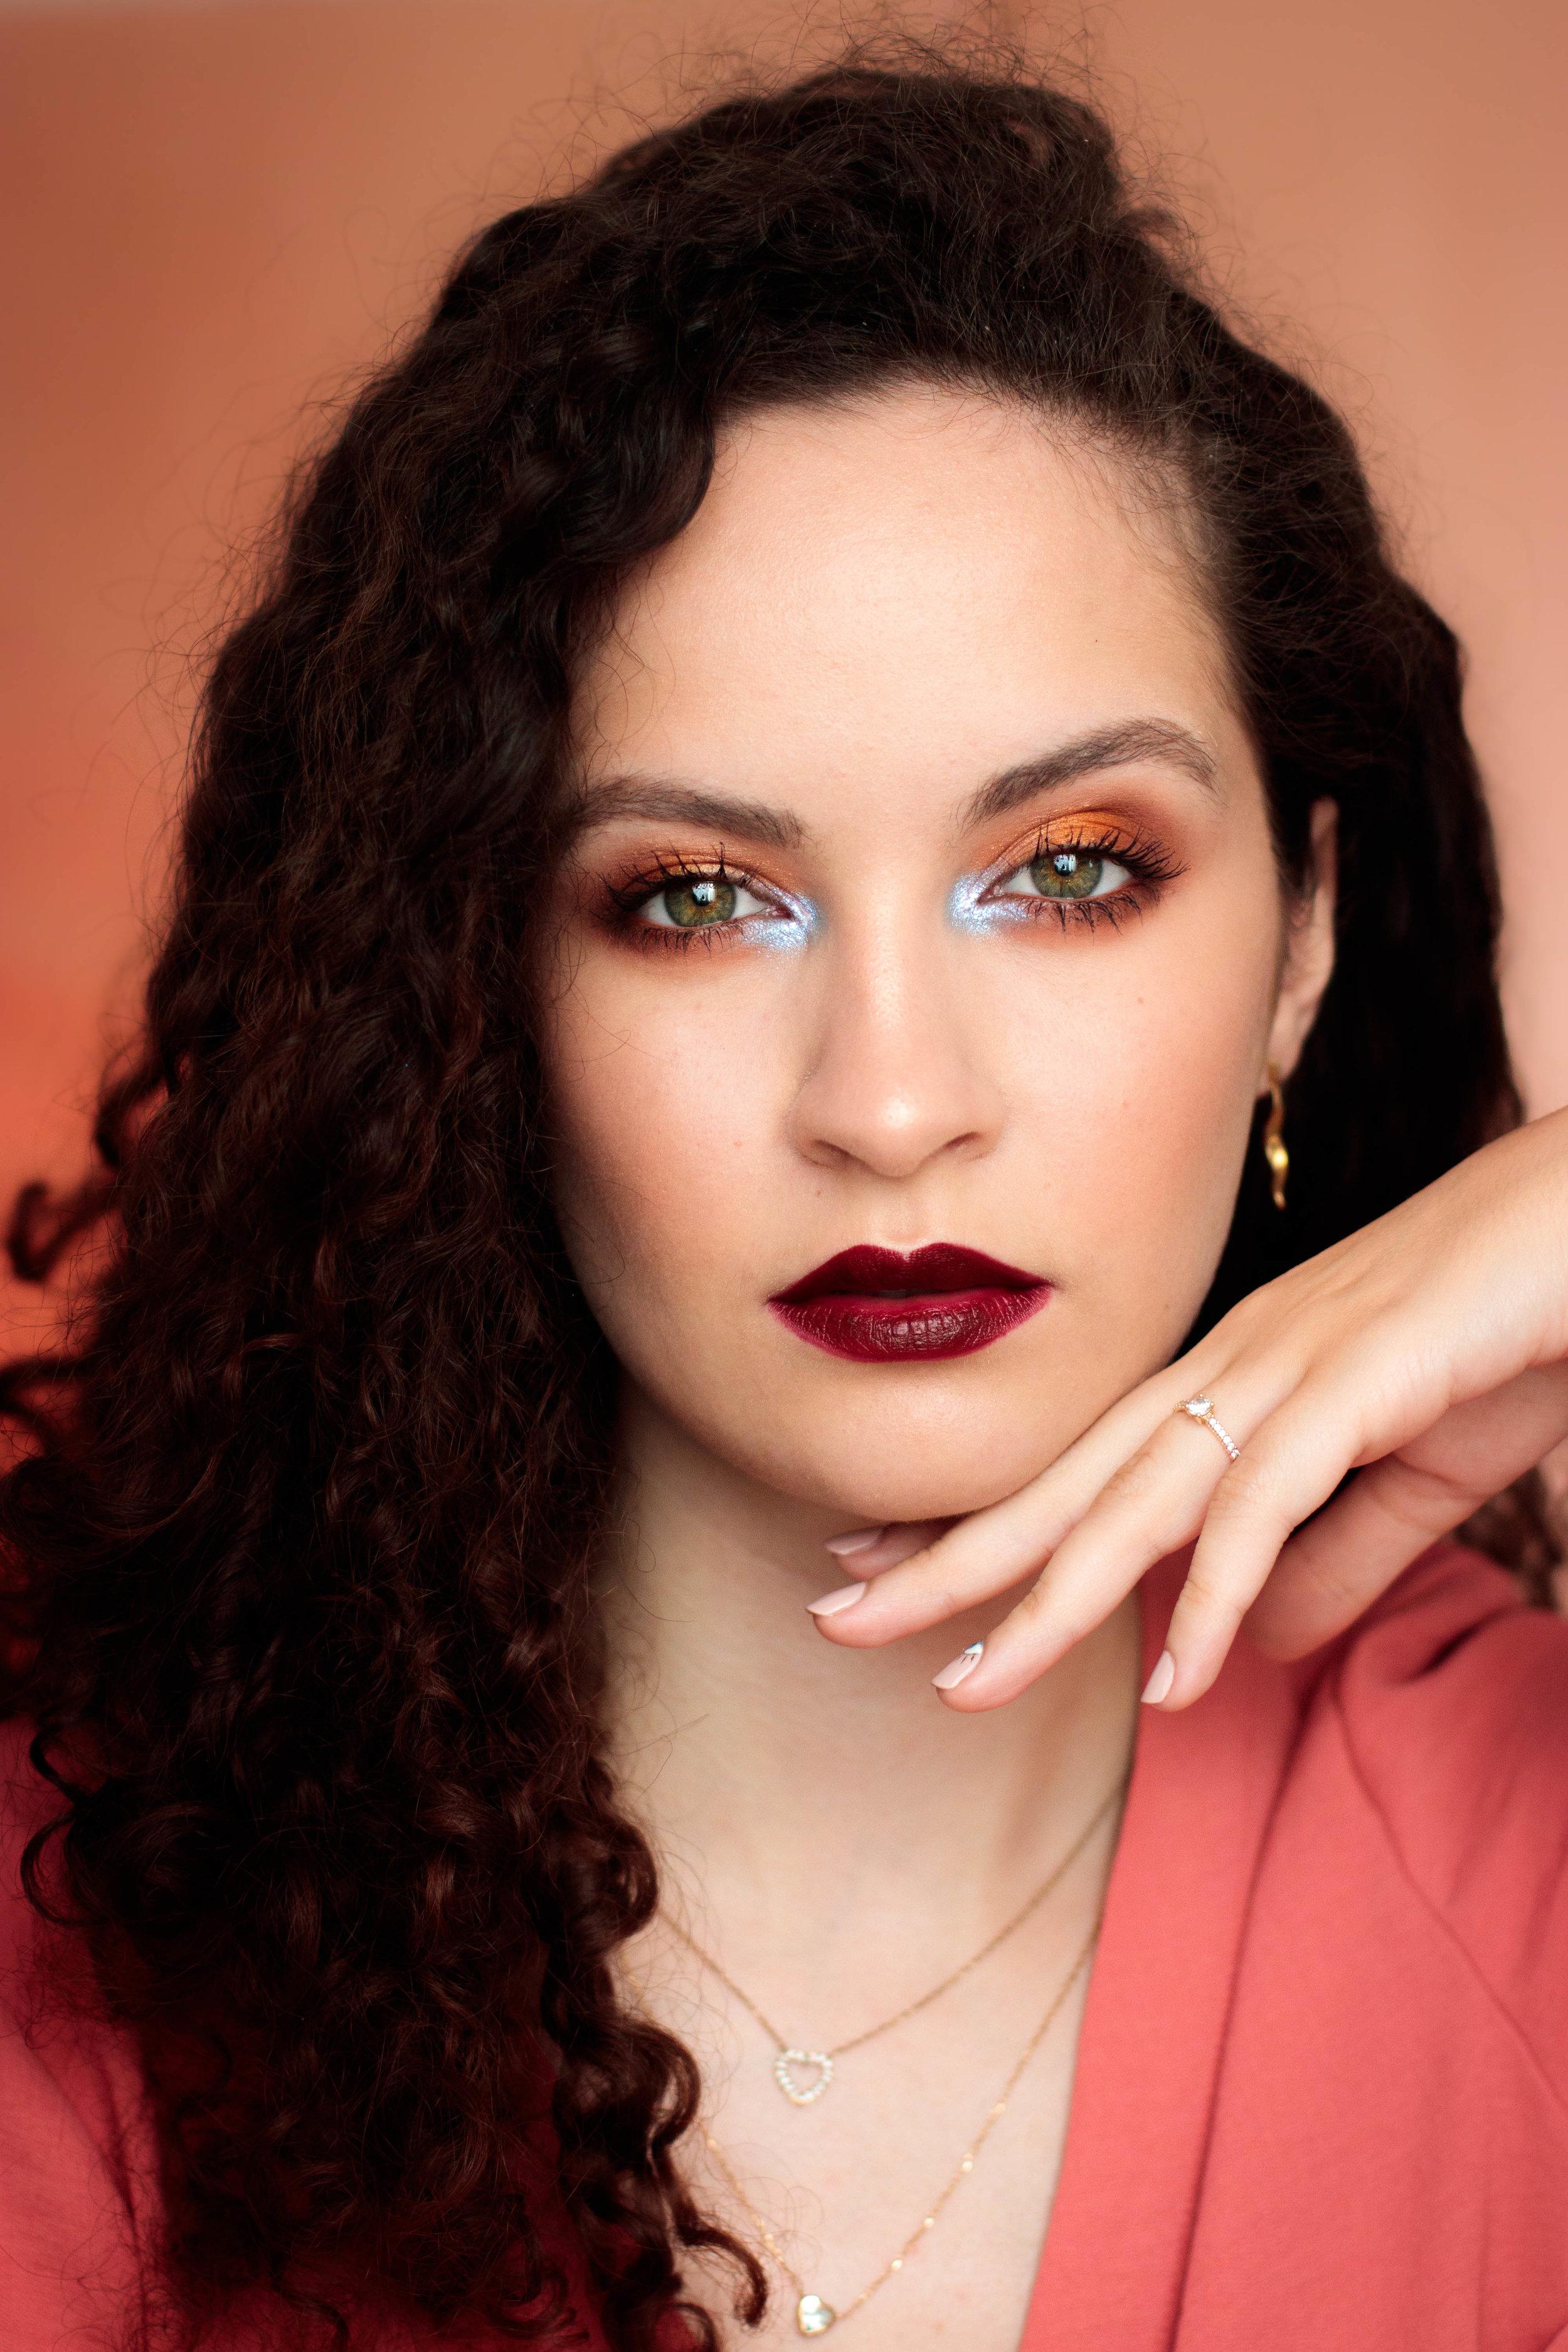 gumball-makeup-pauuulette-i-heart-revolution-sprinkles-palette.jpg